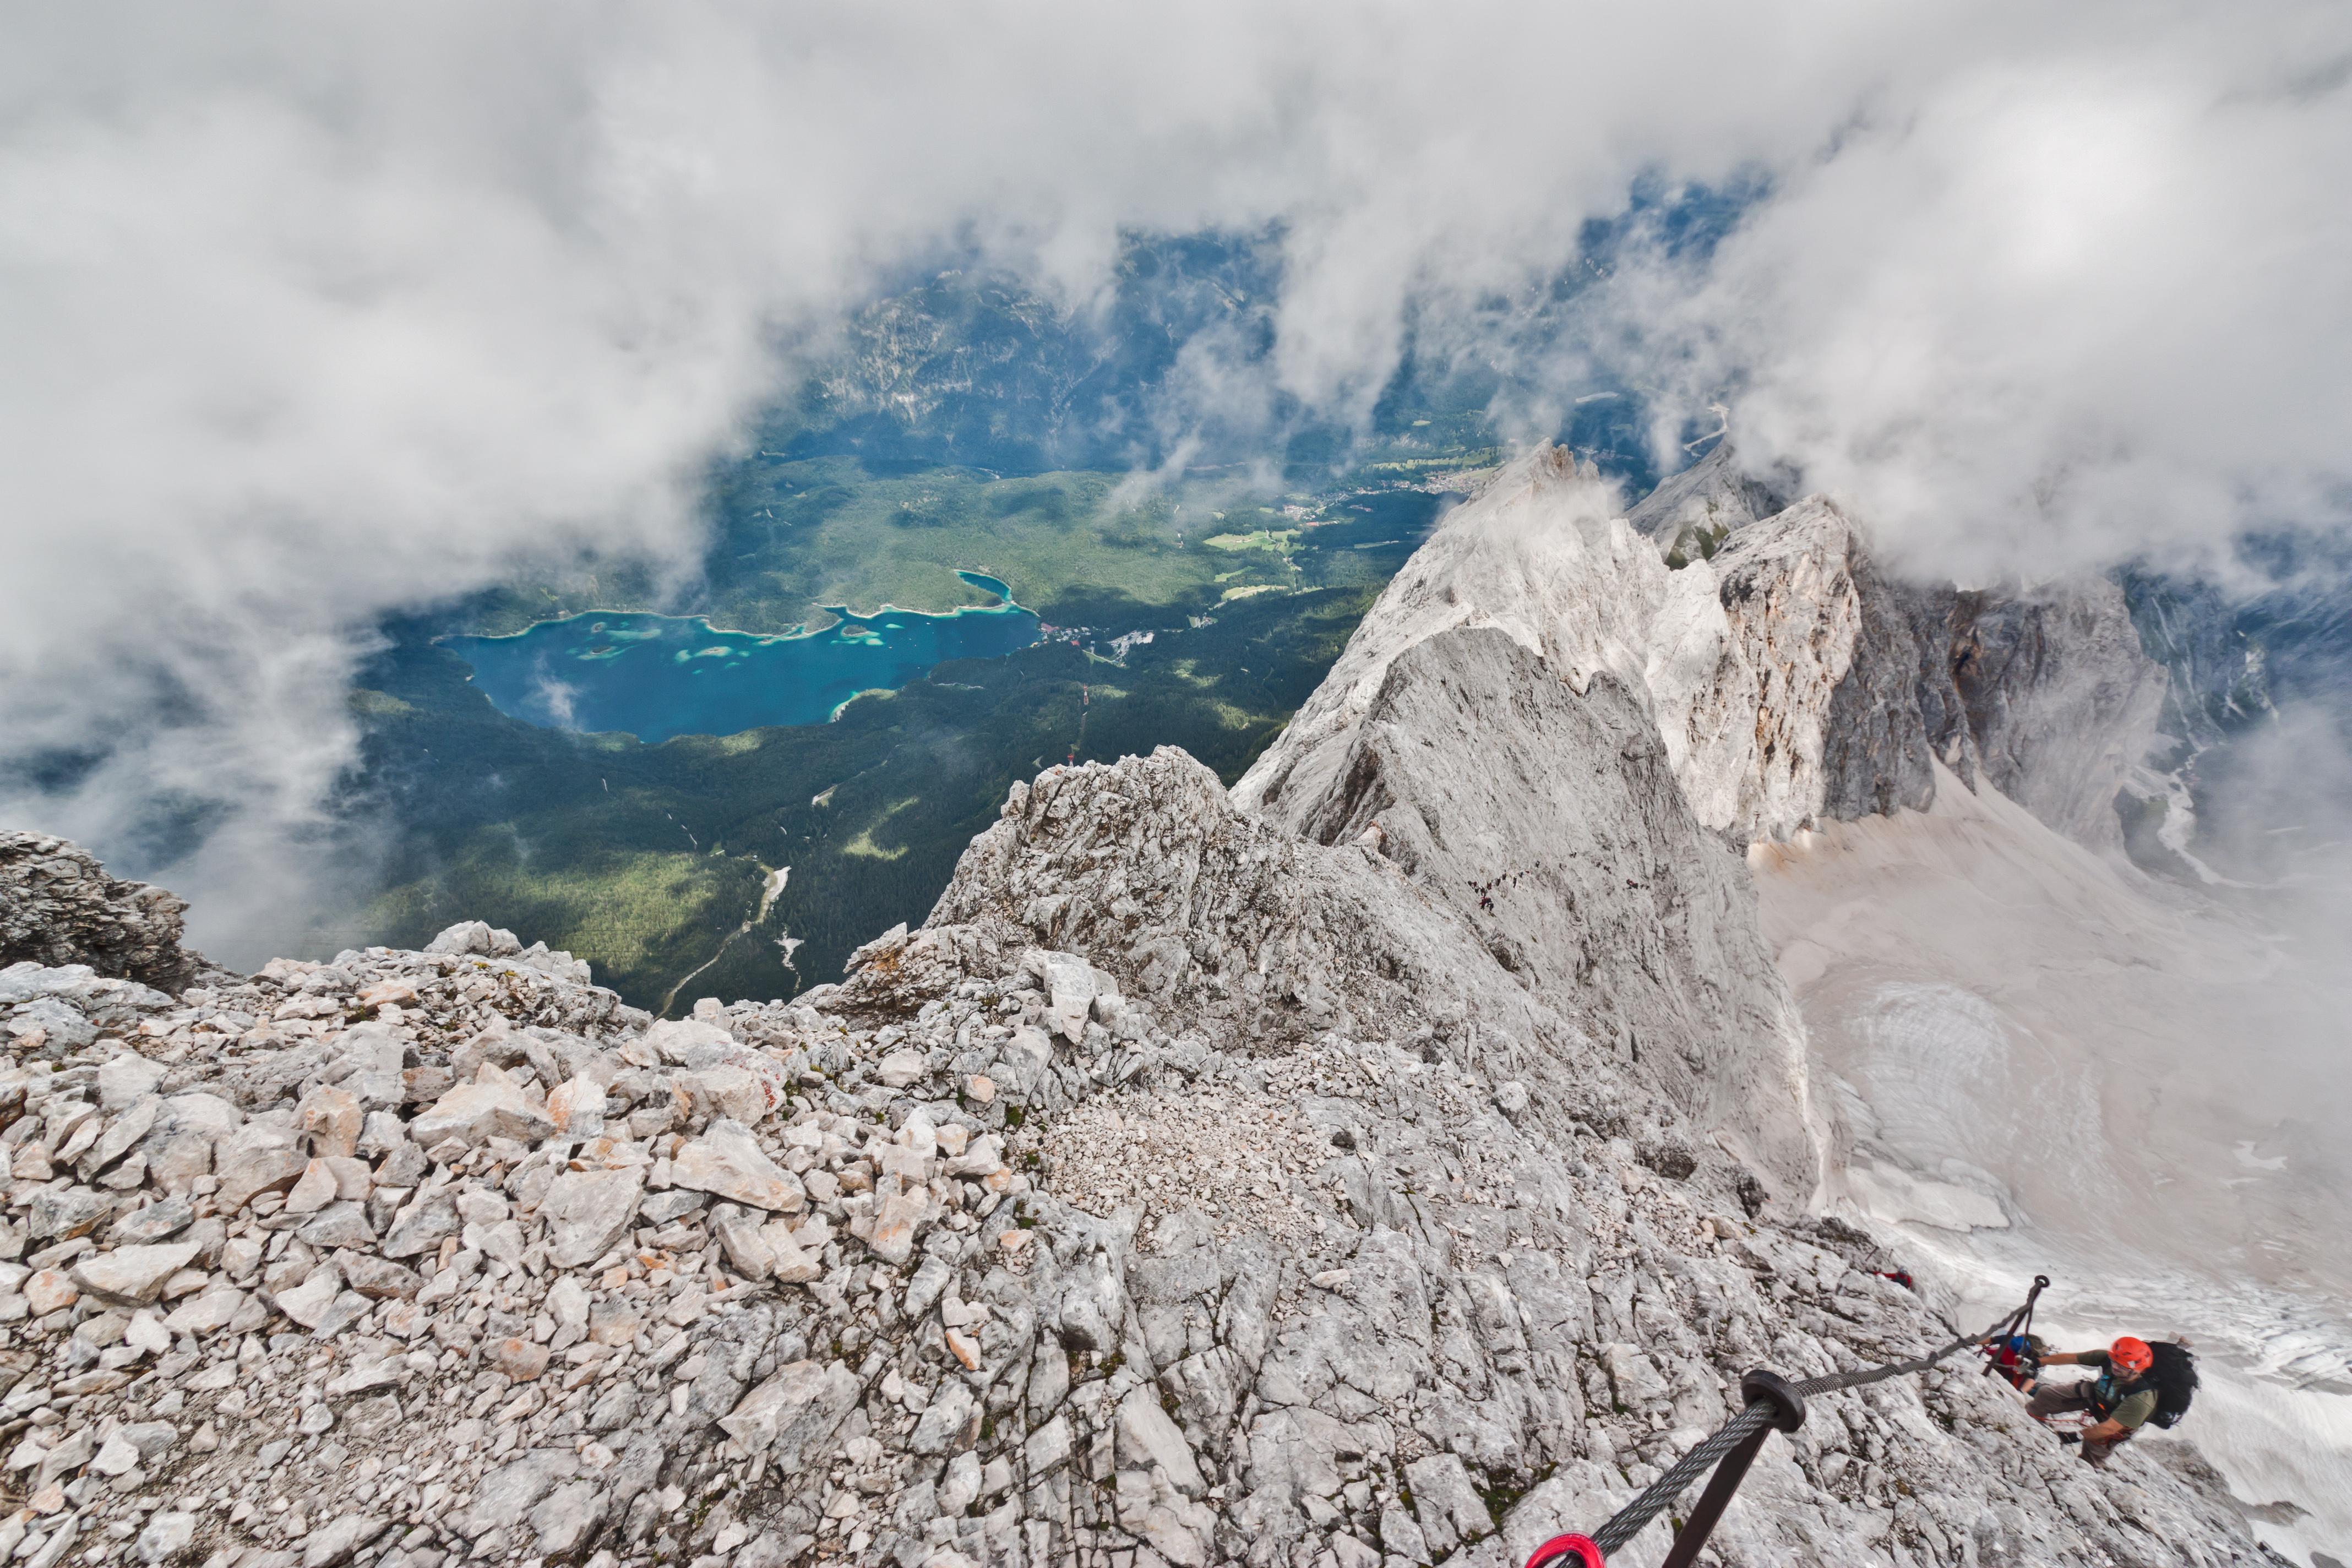 Klettersteig Höllental : Datei höllental klettersteig zugspitze eibsee g u wikipedia